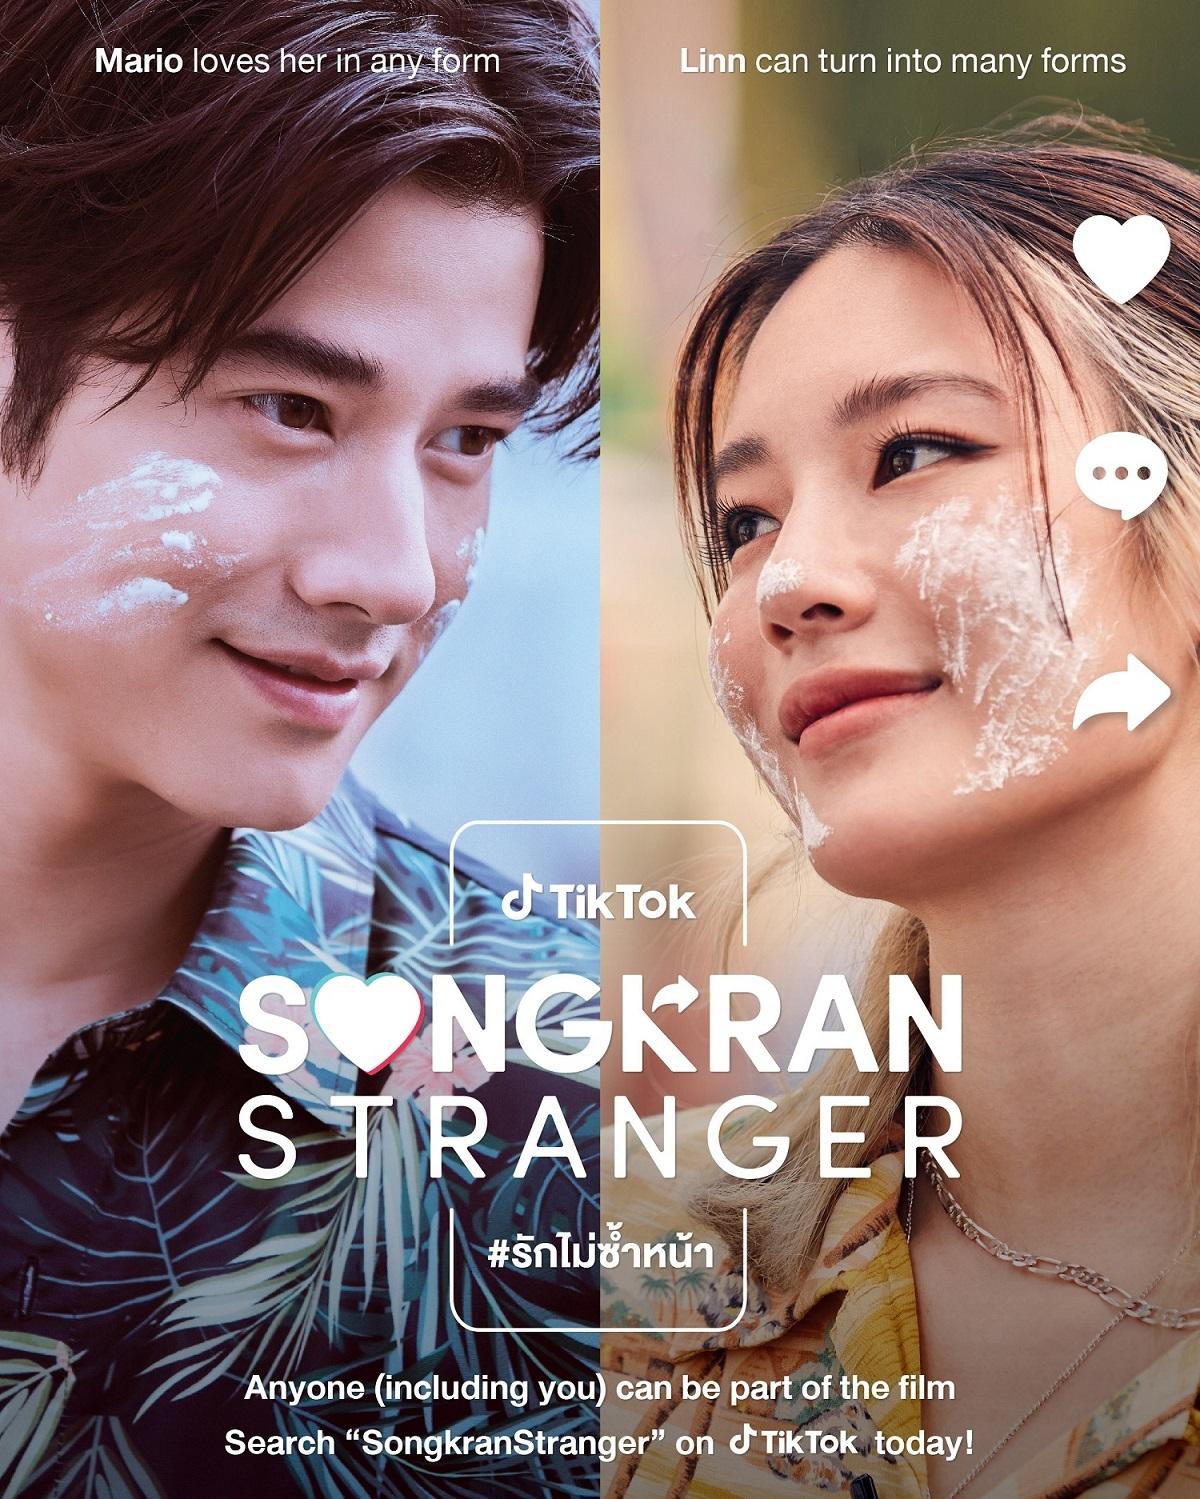 """ครั้งแรกในประวัติศาสตร์ TikTok ขยายแพลตฟอร์ม เปิดตัวภาพยนตร์สั้น """"Songkran Stranger #รักไม่ซ้ำหน้า"""" ที่ใครๆ ก็สามารถเล่นหนังกับ มาริโอ้ ได้ จนมียอดผู้ชมพุ่ง 94 ล้านวิว!"""